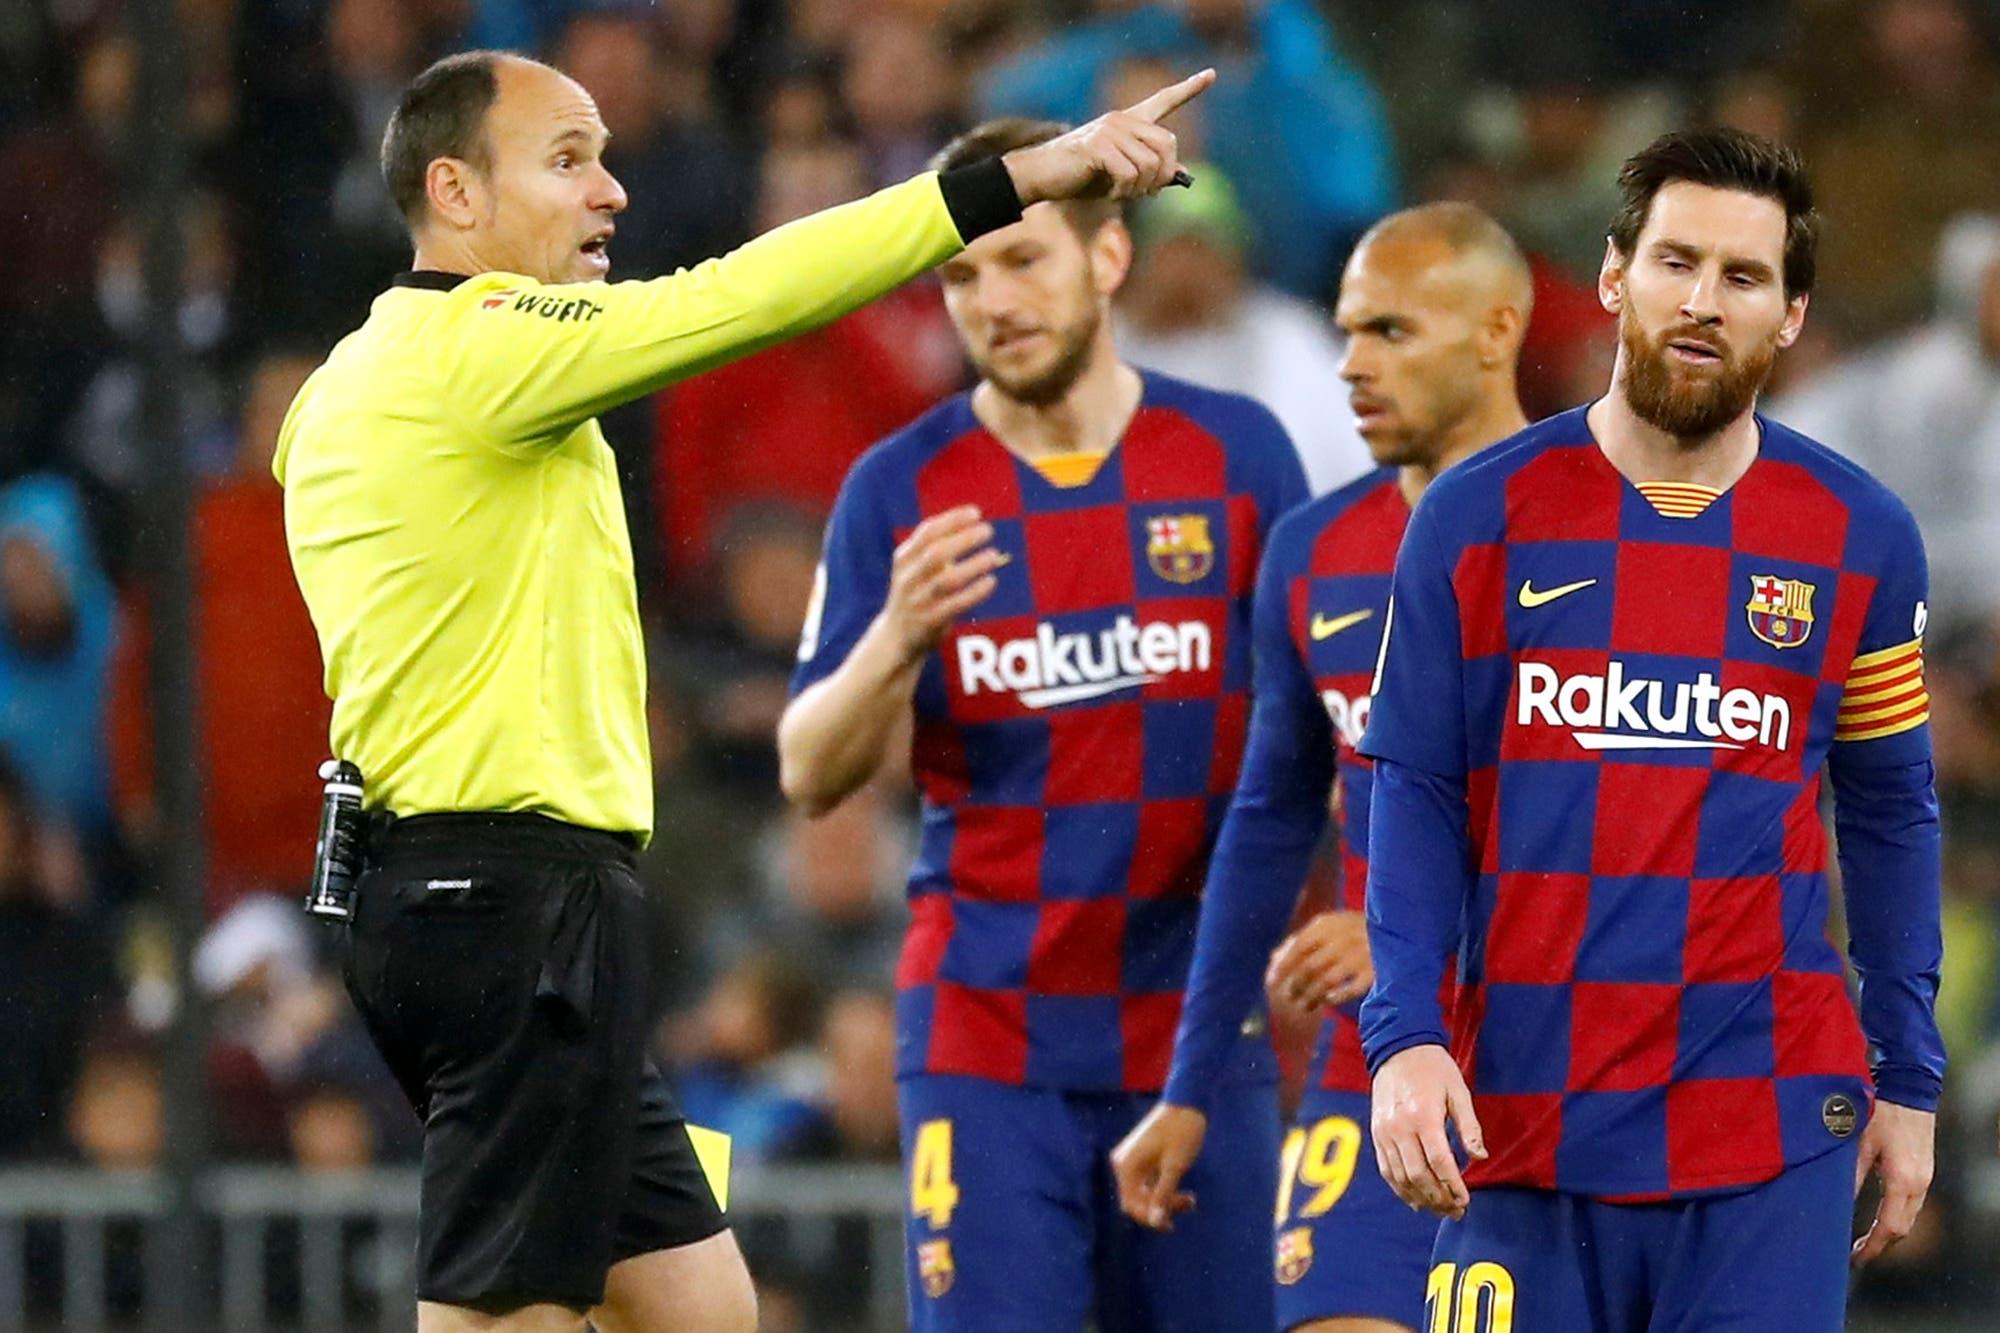 Real Madrid-Barcelona. El clásico gris de Messi: patada, amarilla y frustración